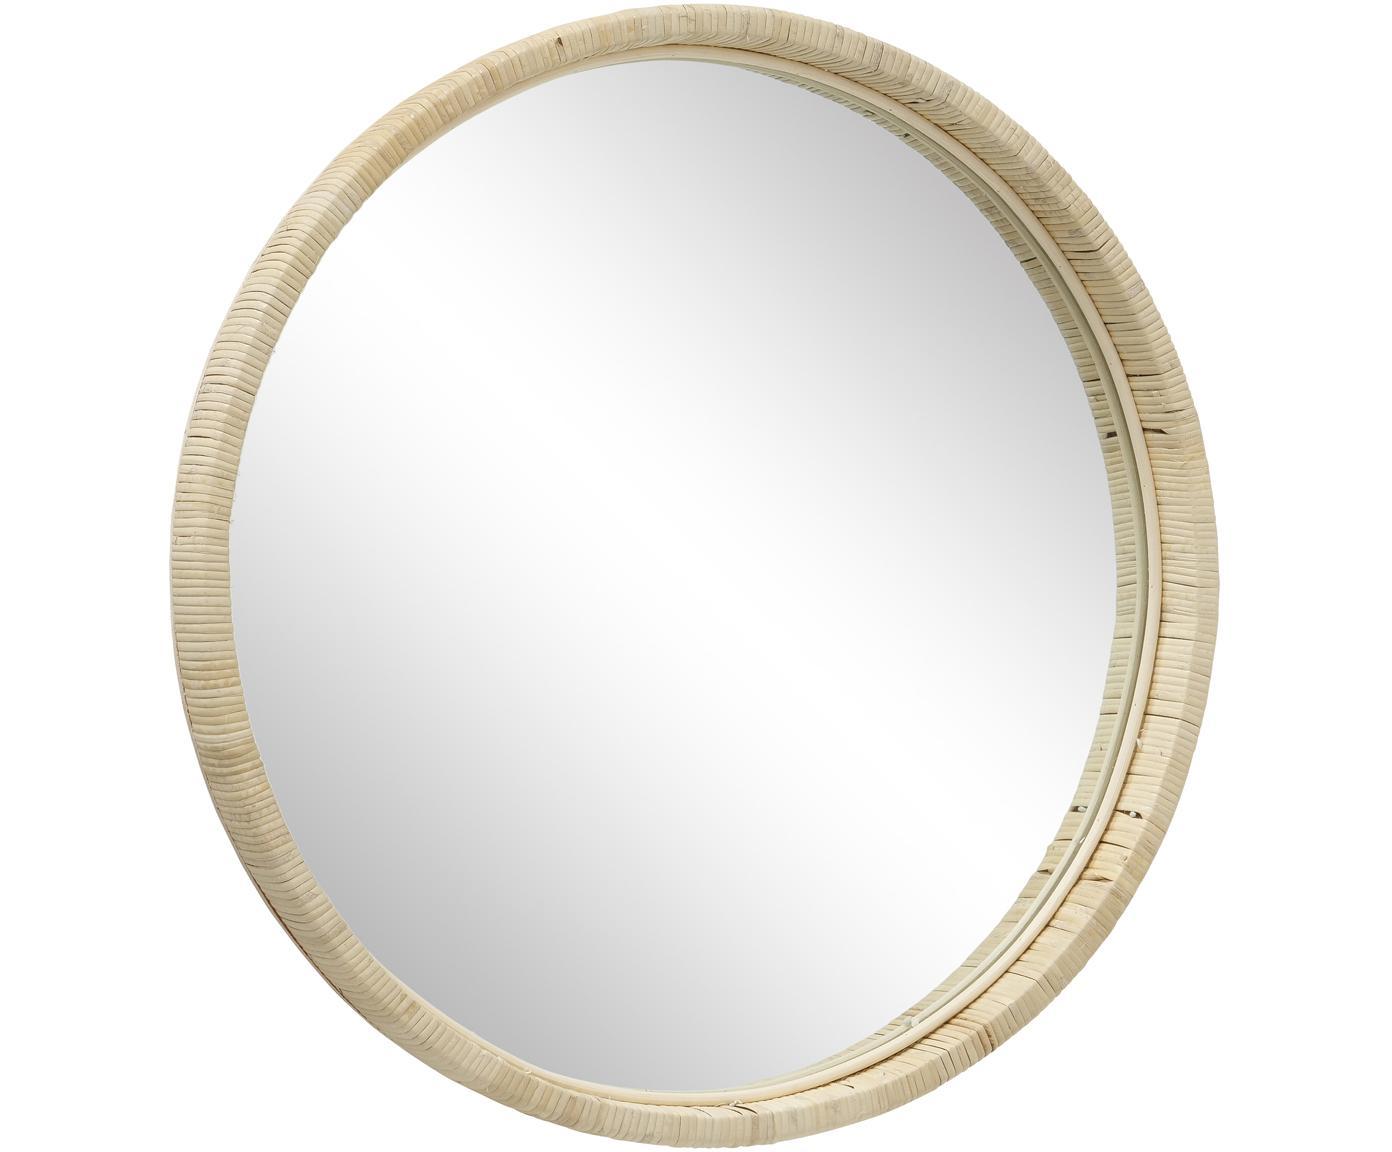 Ronde wandspiegel Yori met bamboe lijst, Bamboe, spiegelglas, Beige, Ø 50 cm